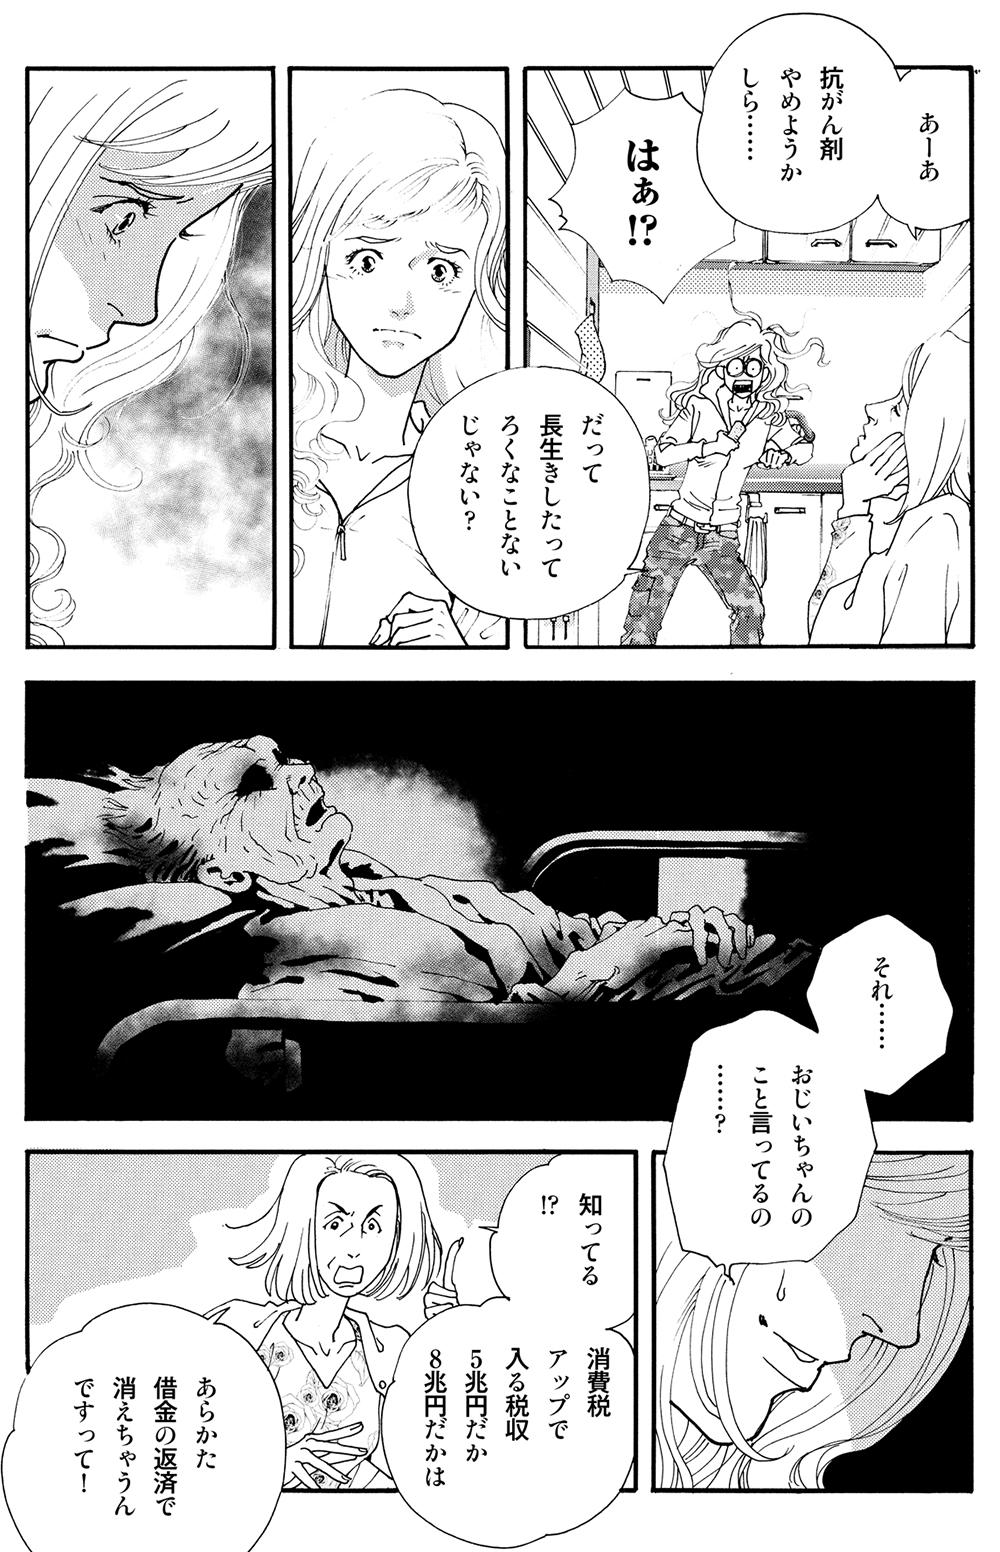 ヘルプマン!! 第1話「フリー介護士現る!」help1-11.jpg